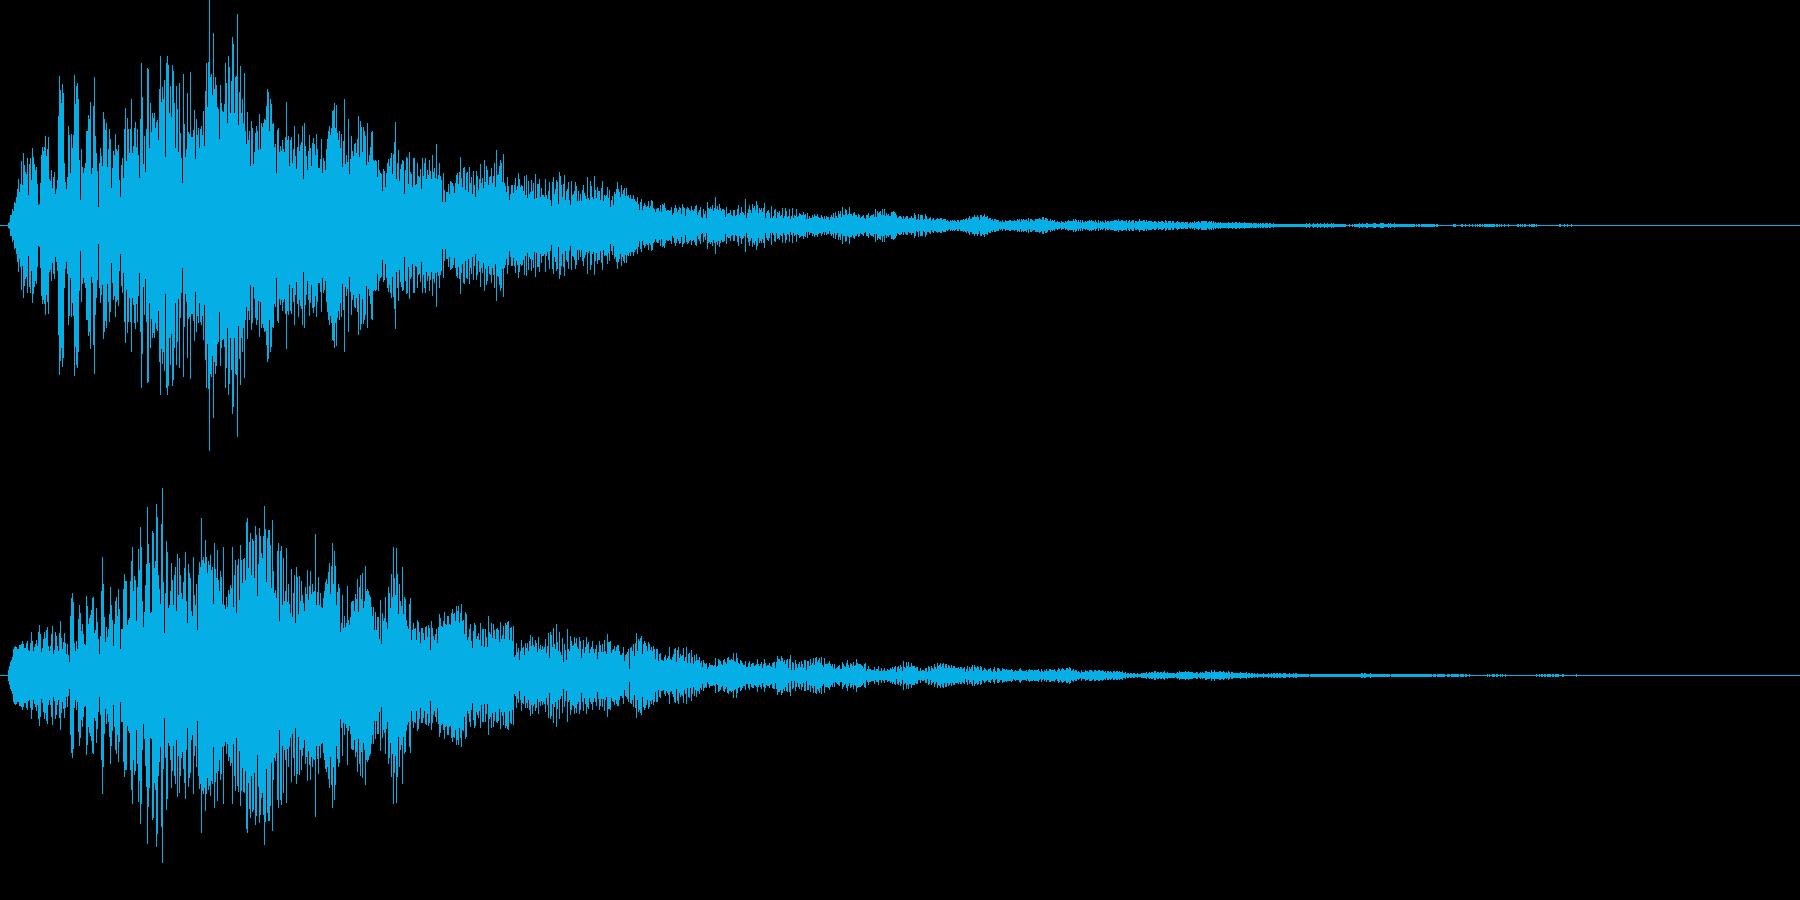 やわらかめ上昇音 チャララン キラキラの再生済みの波形